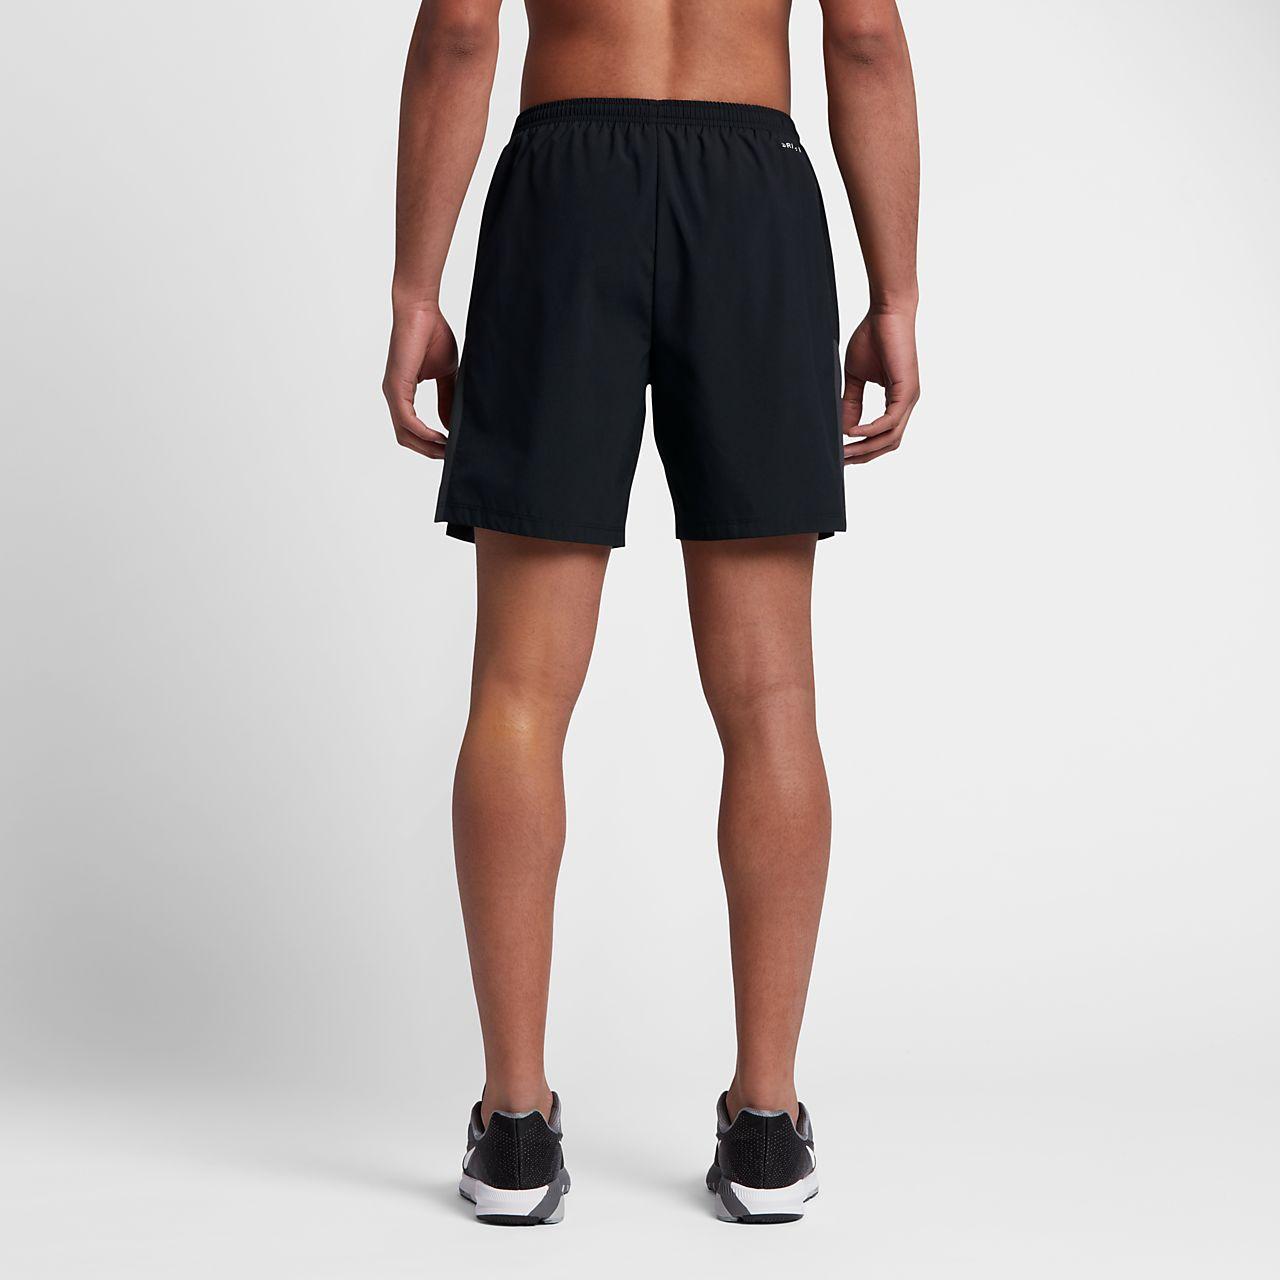 Nike Short De Course Mens 7 Pouces Caleçons vente acheter vente chaude rabais wiki sortie vraiment sortie Livraison gratuite populaires VEVbj8